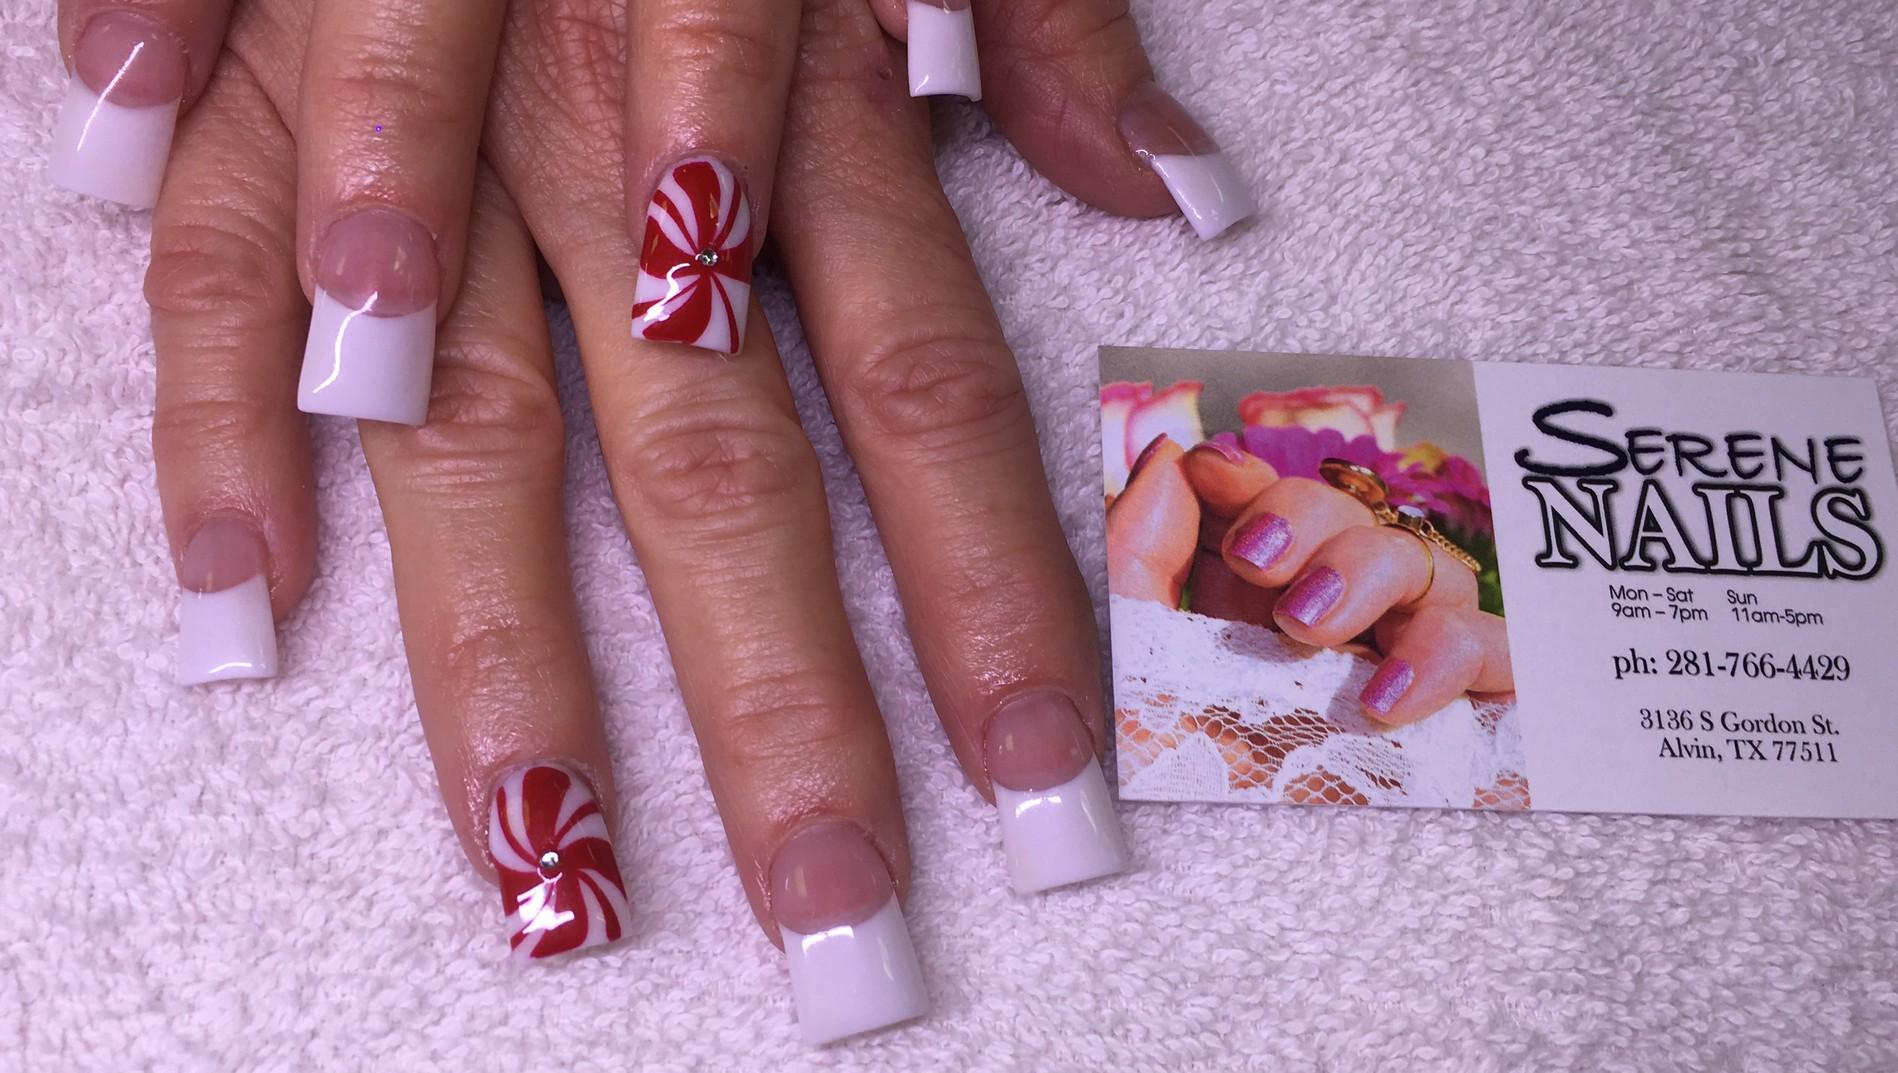 Serene Nails image 91